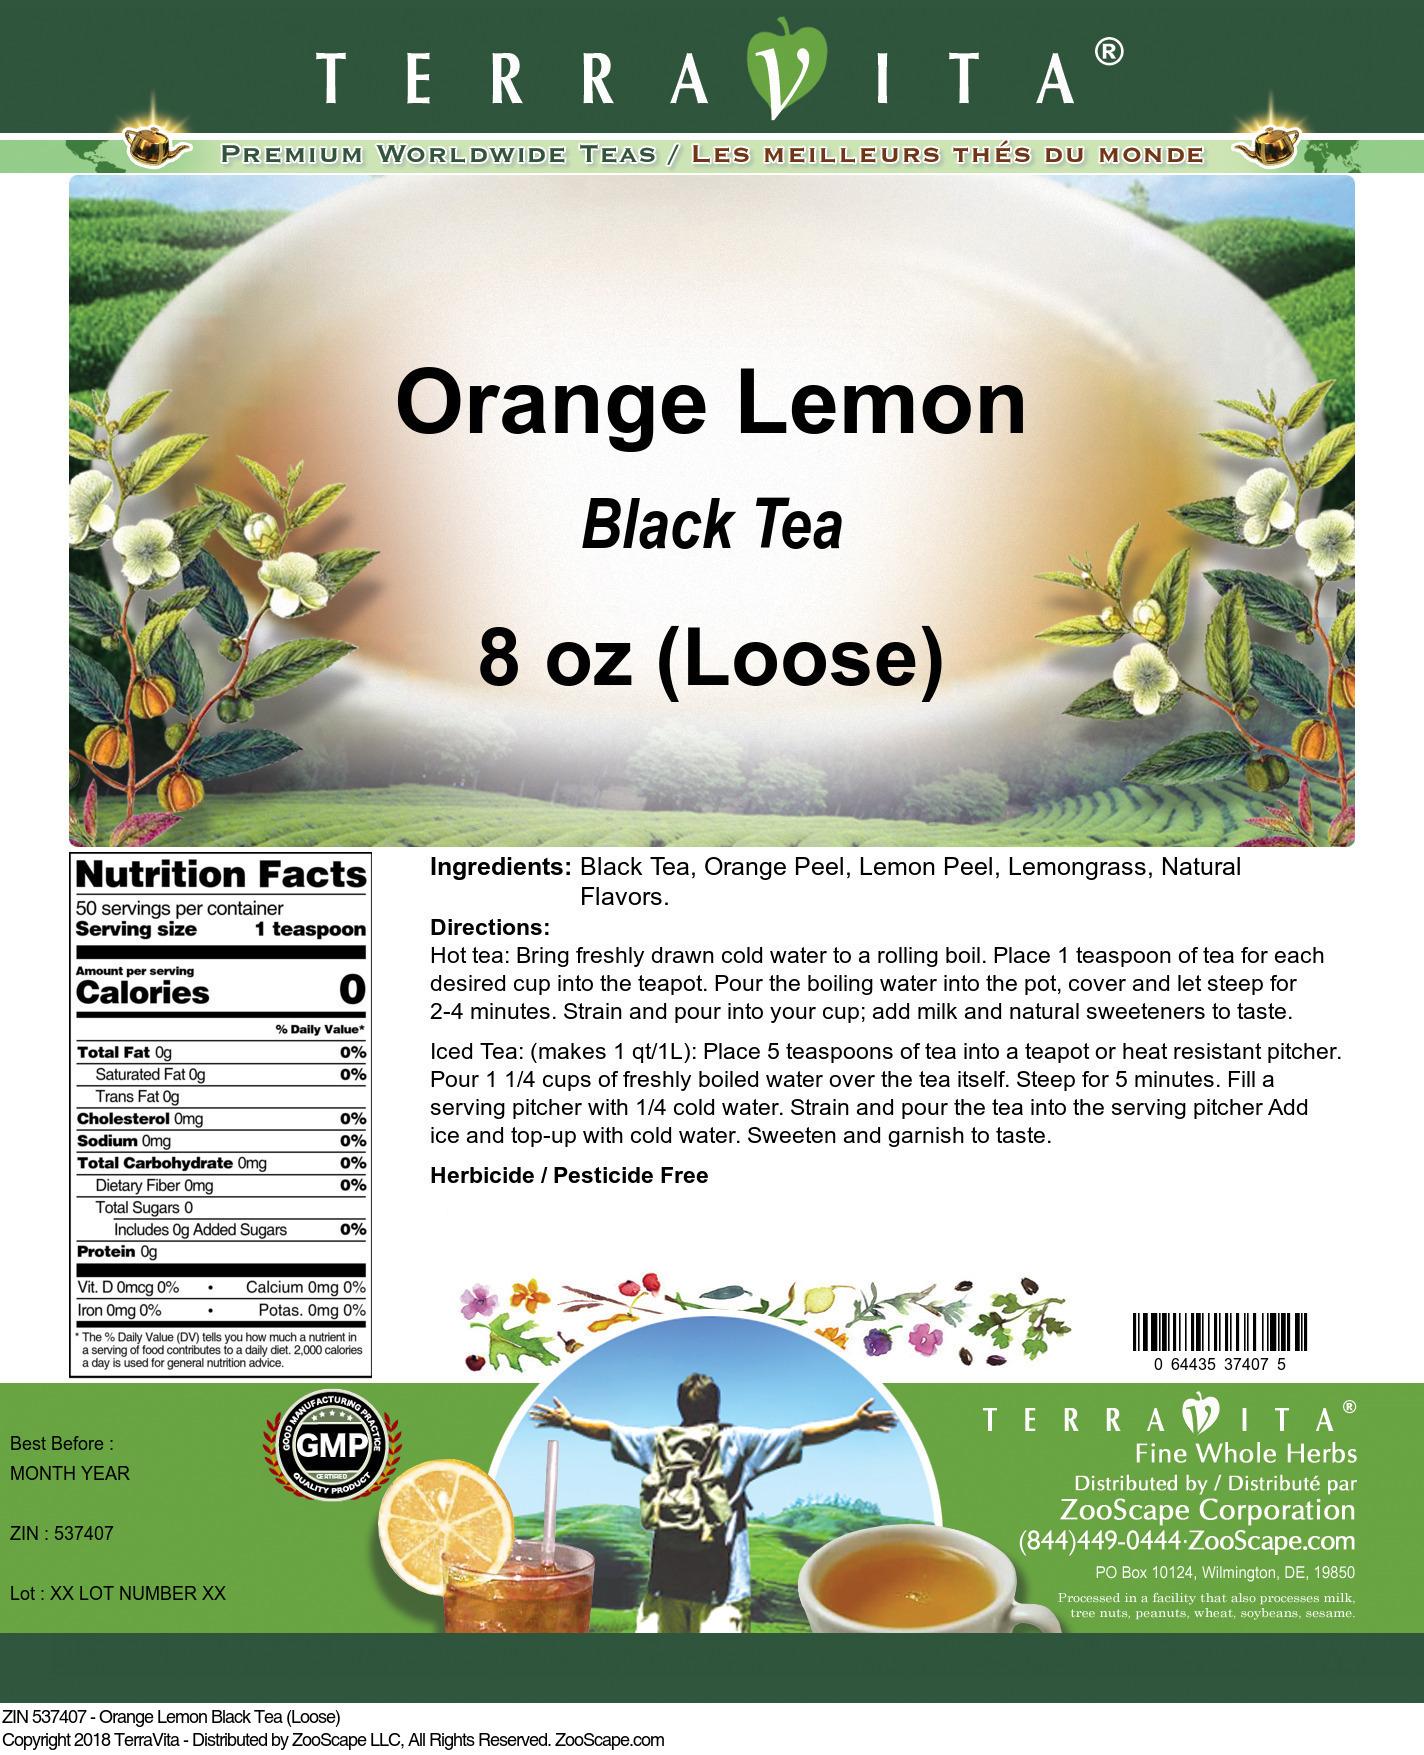 Orange Lemon Black Tea